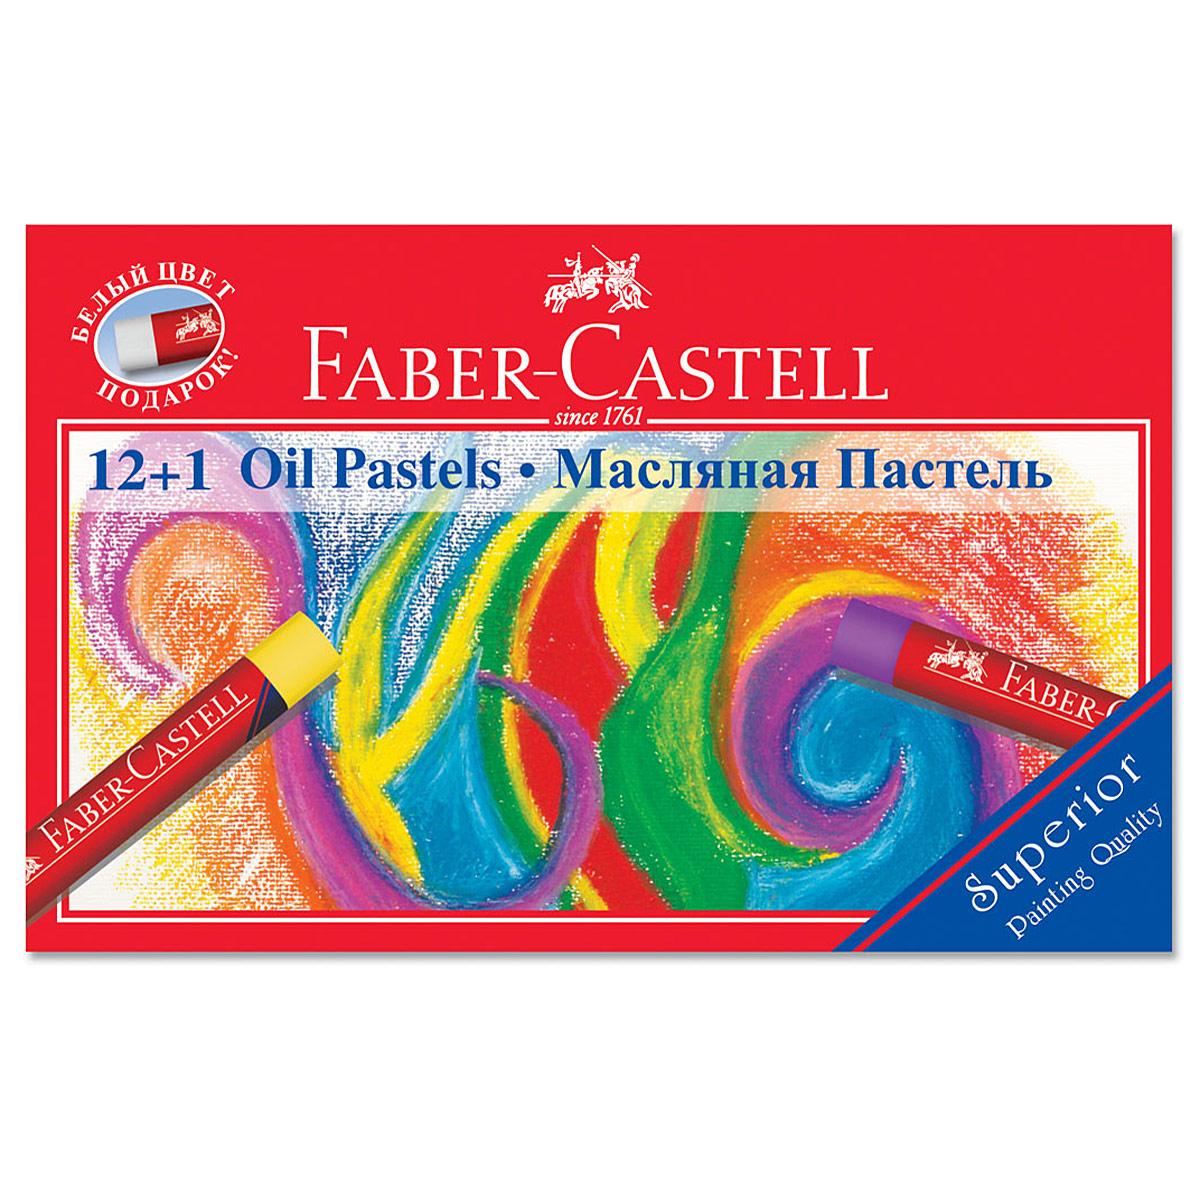 Масляная пастель Faber-Castell, 13 цветов125213Масляная пастель Faber-Castell включает в себя 13 мелков насыщенных цветов - белого, телесного, желтого, оранжевого, красного, темно-красного, розового, фиолетового, синего, зеленого, темно-зеленого, коричневого и черного. Пастель отличается высоким качеством и впечатляюще яркими цветами. Она обеспечит комфортное и мягкое рисования. Благодаря однородной консистенции пастель не крошится. Превосходно ложится на бумагу, картон, дерево и камень, устойчива к температуре. Цвета можно смешивать для получения новых оттенков. Масляная пастель Faber-Castell, безопасная для малыша, позволит вашему маленькому художнику раскрыть свой талант. Подарите своему ребенку радость творчества!